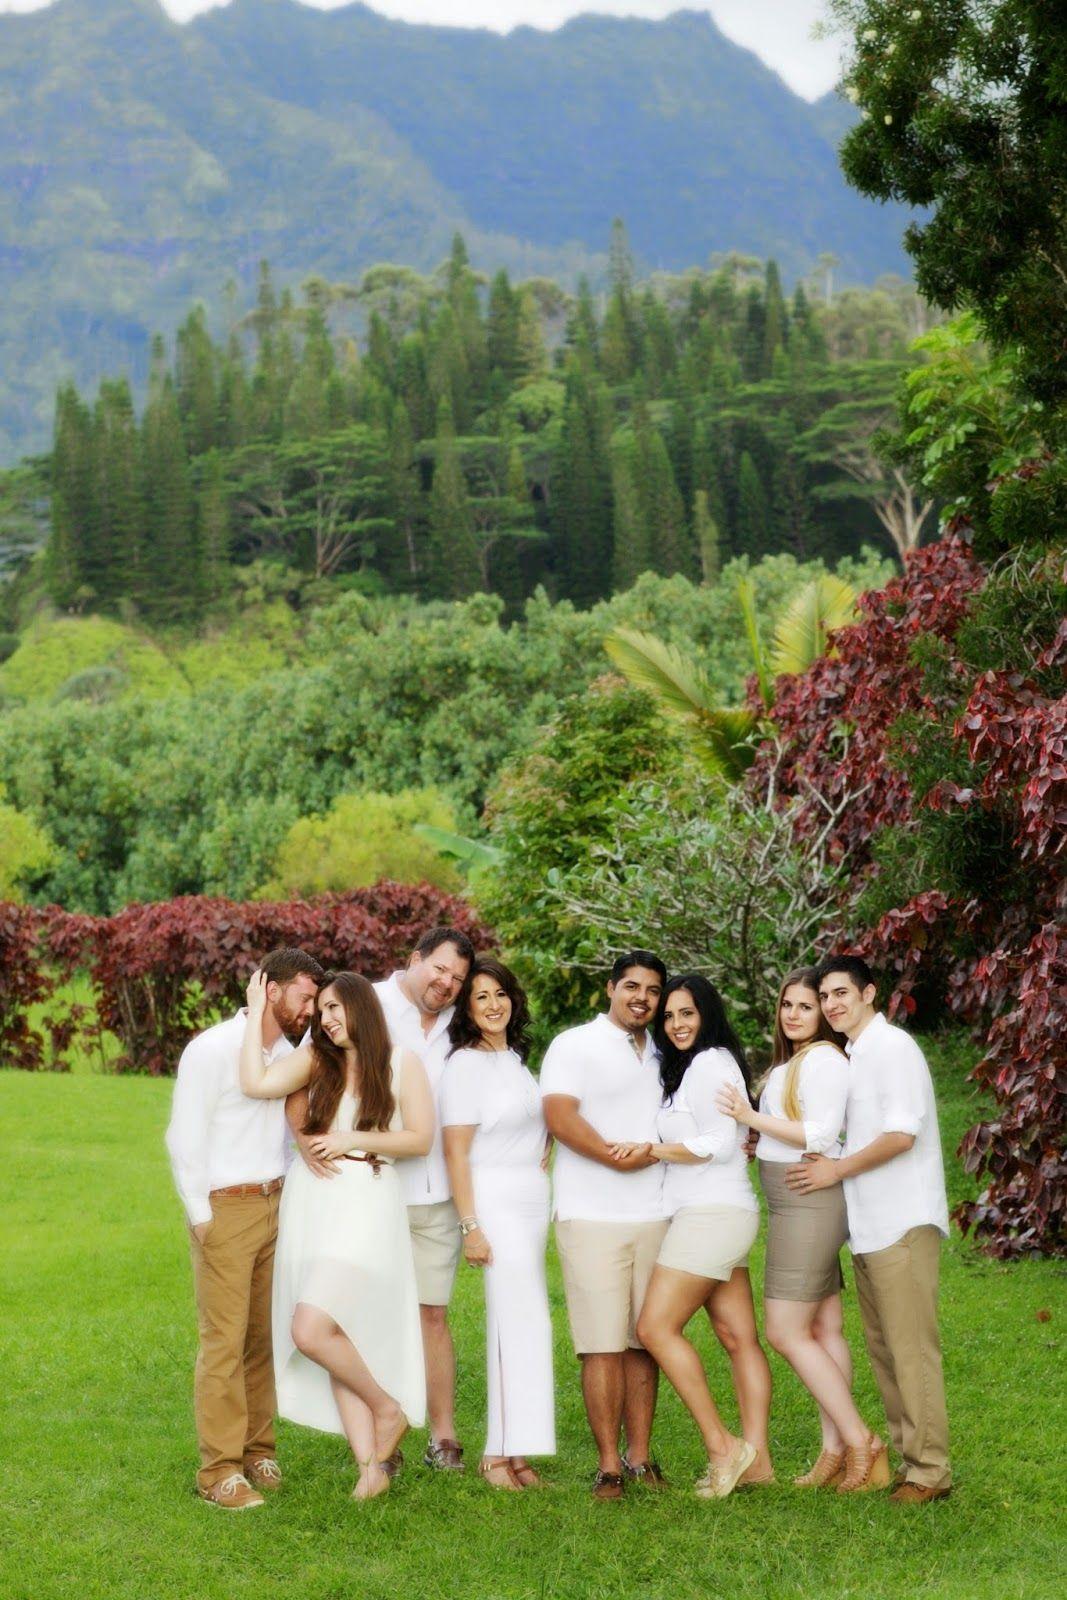 Kauai Bliss Photographer: Wedding Photographer, Family and ...